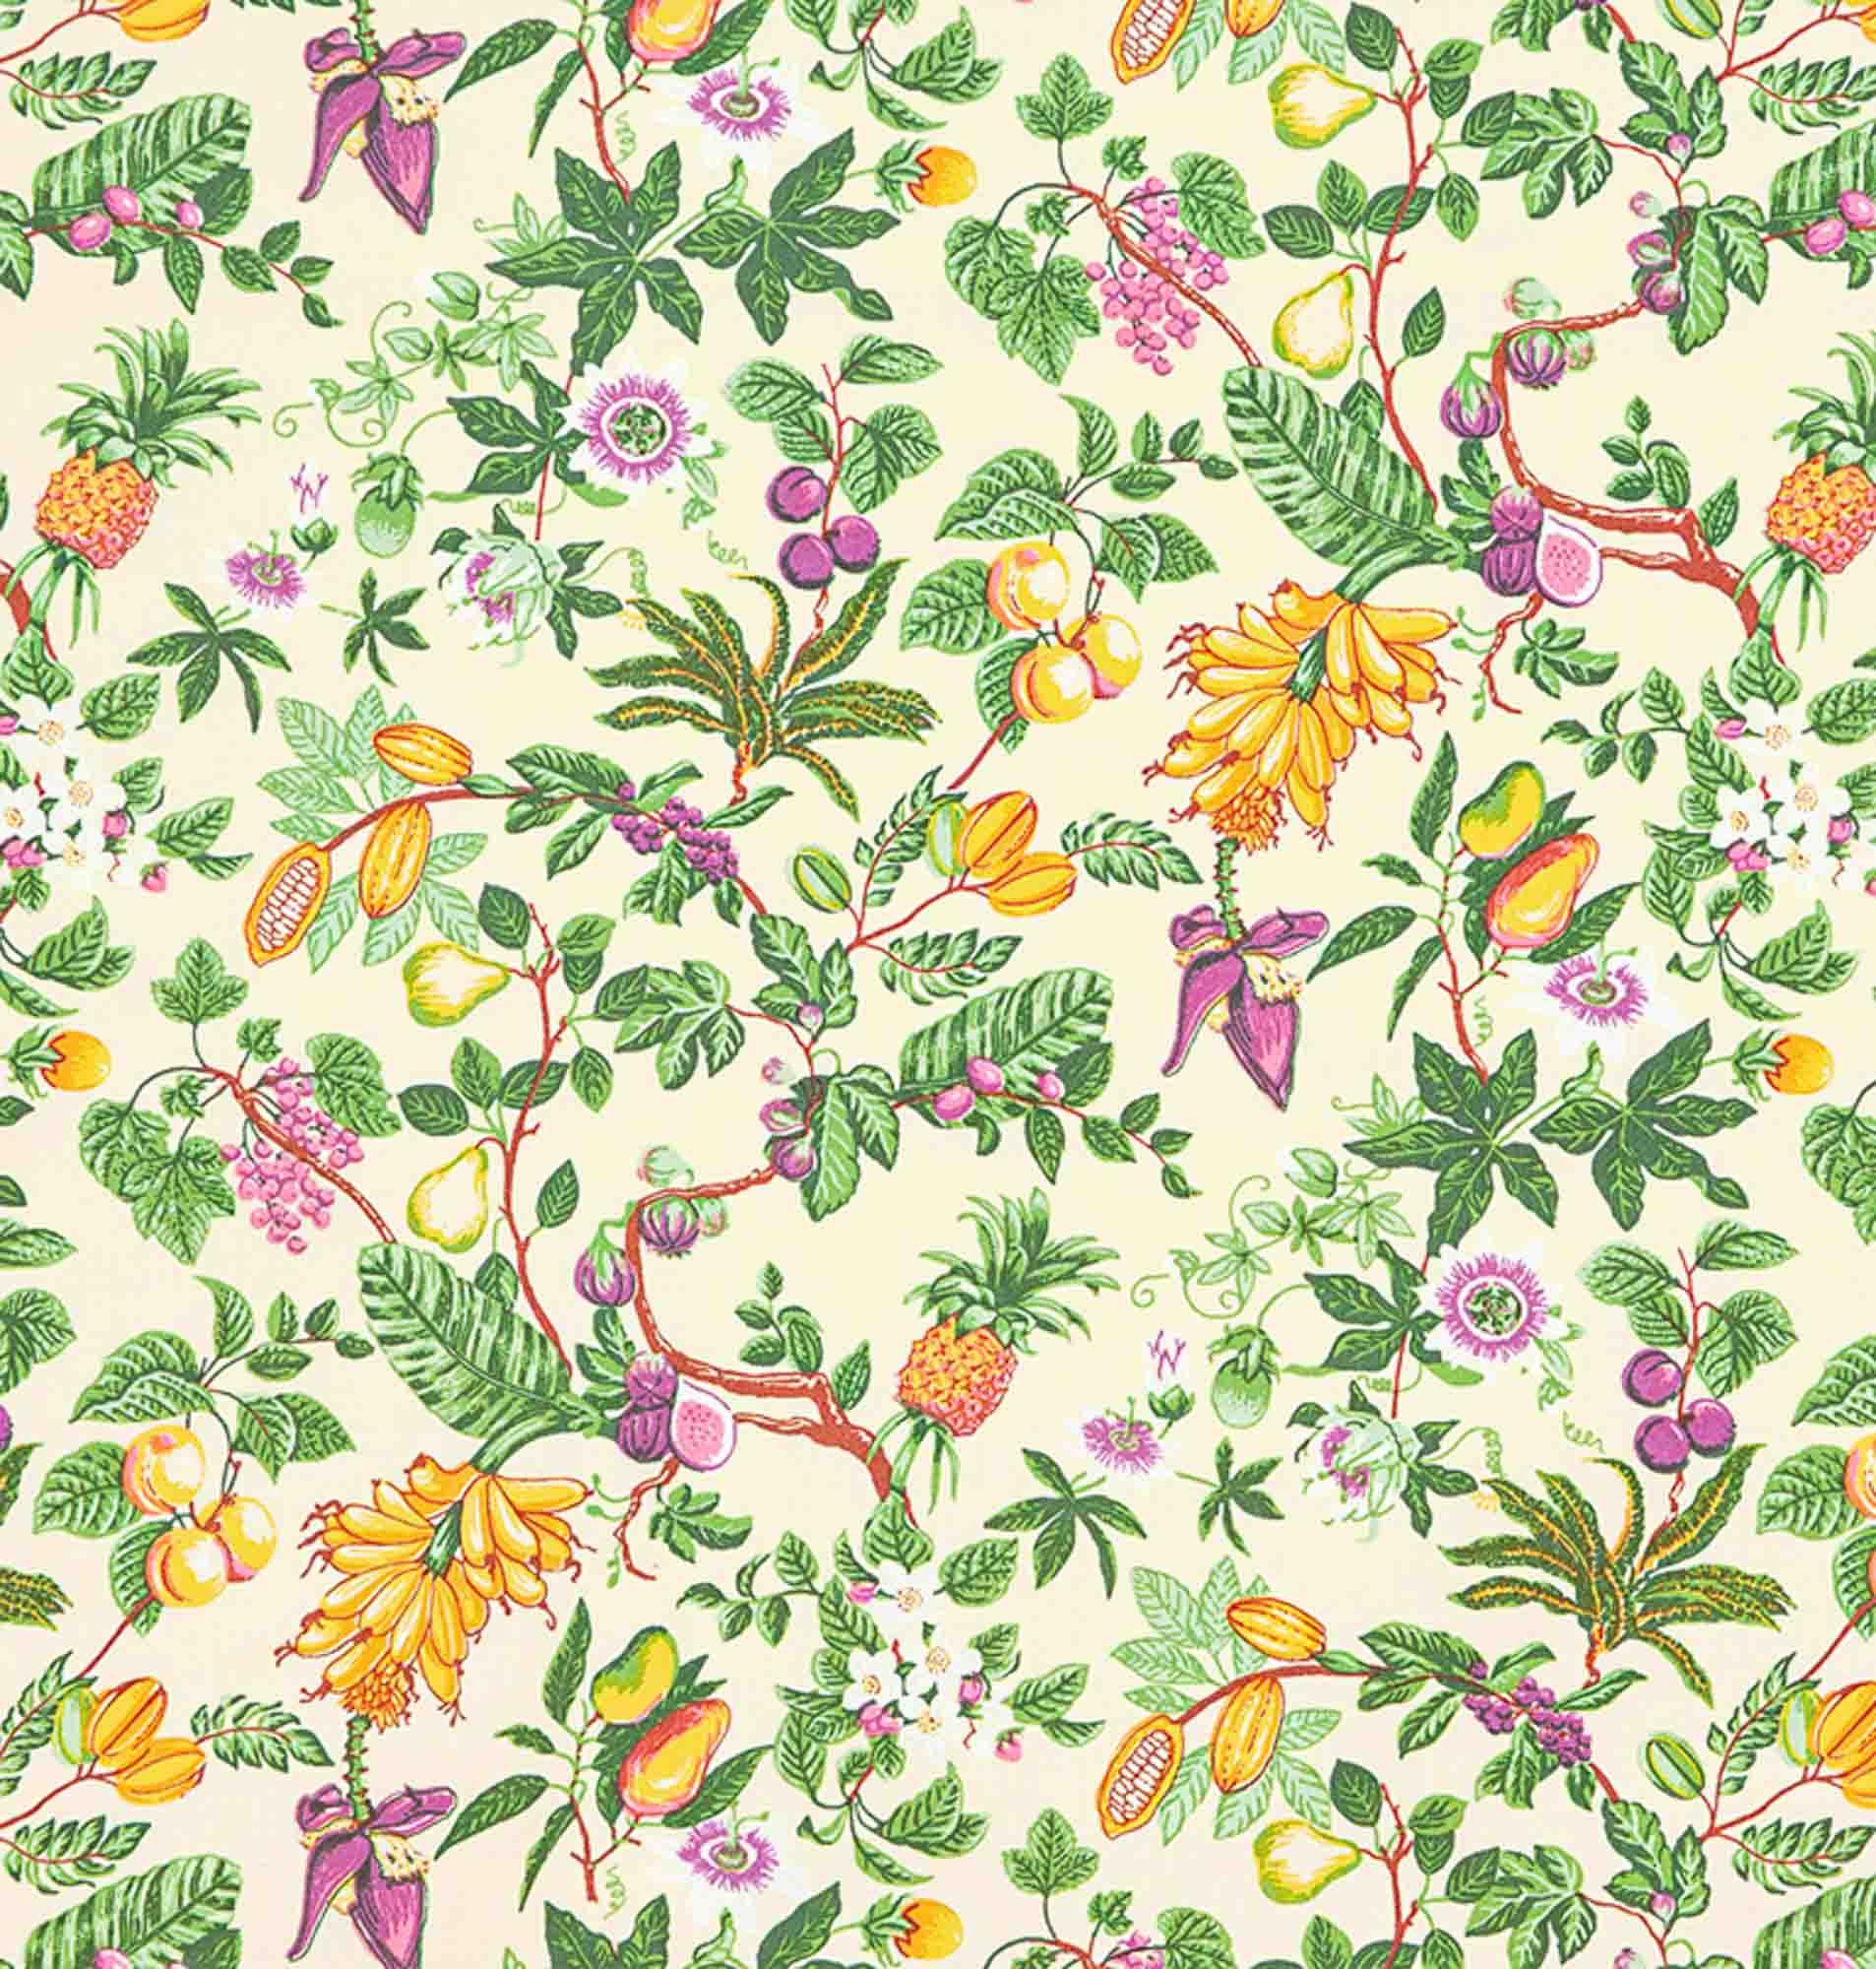 Tecido tricoline estampado dohler 100% algodão flores e folhas